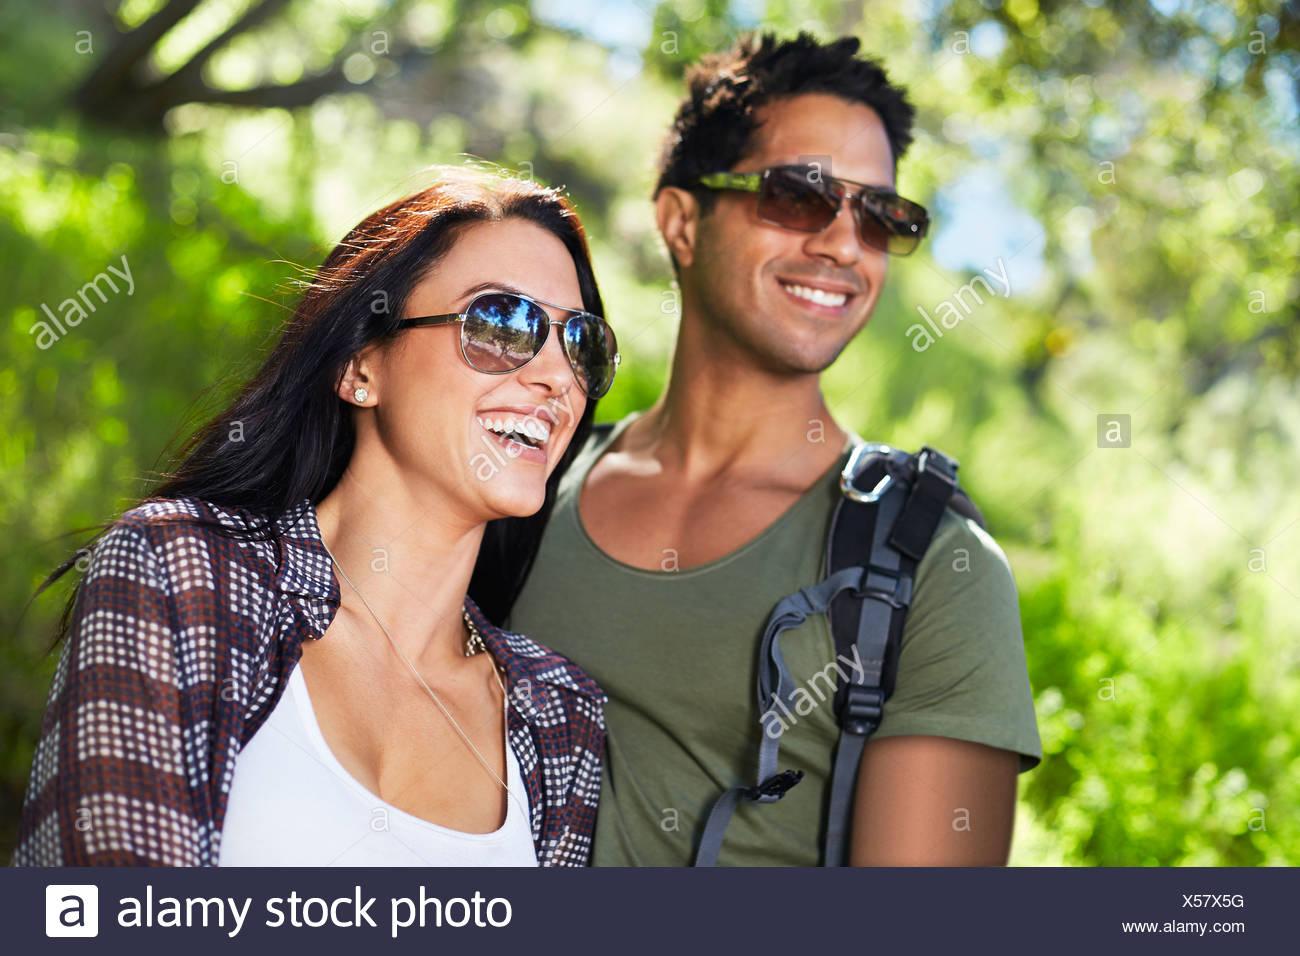 Coppia sorridente in boschi Immagini Stock